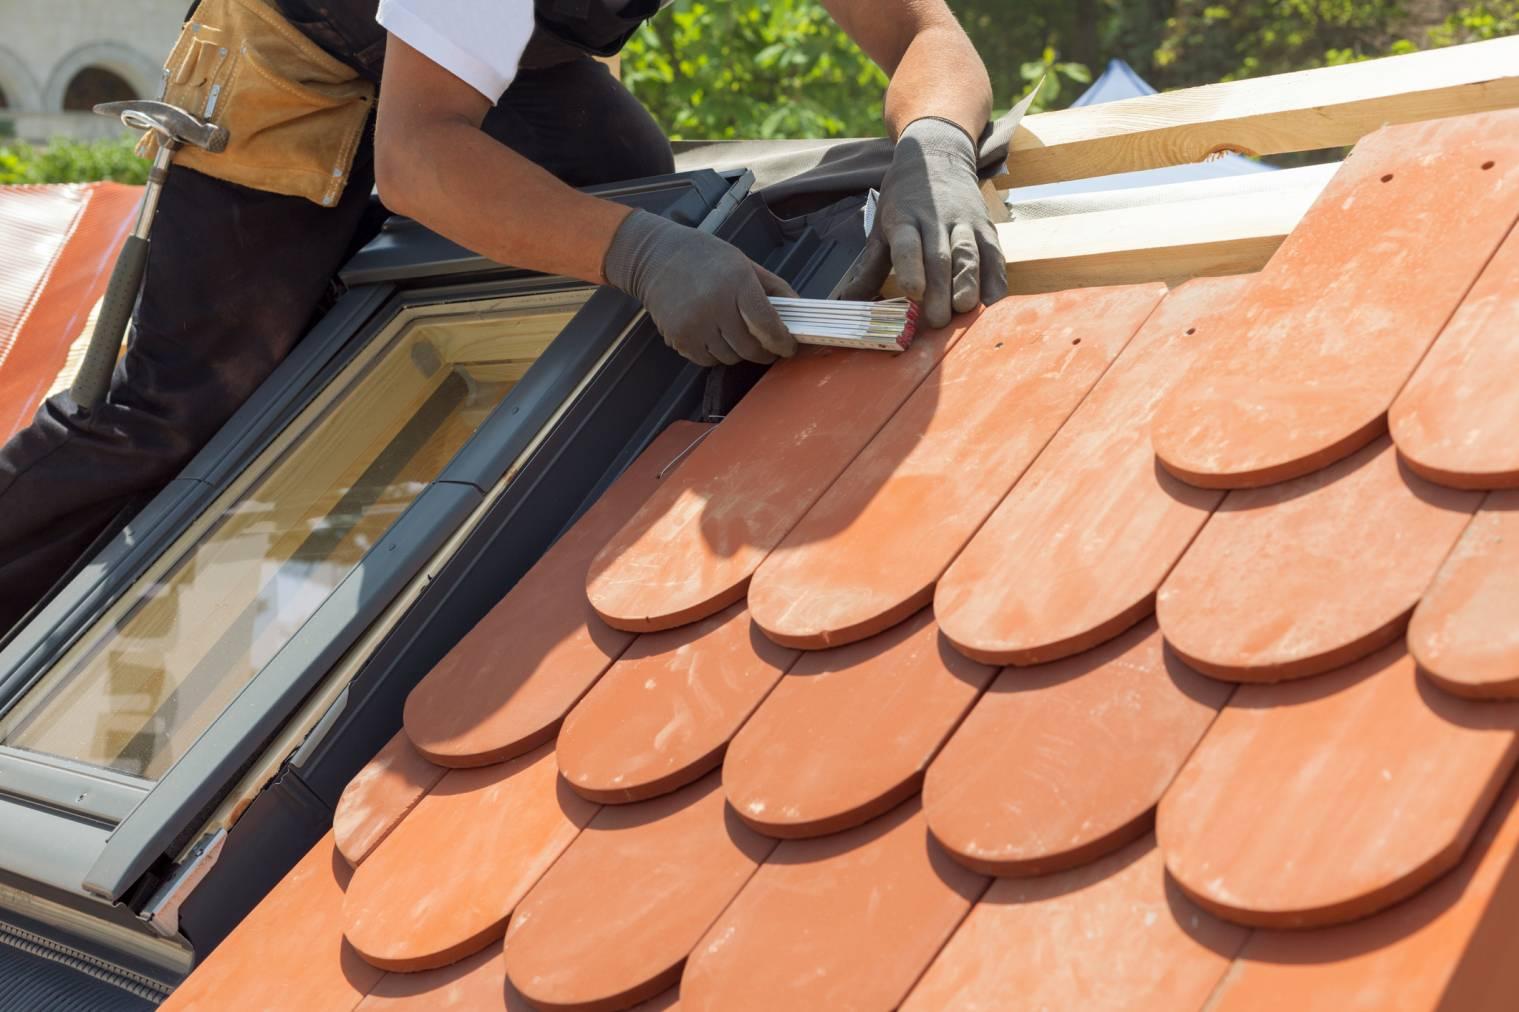 Rénovation toiture : petite réparation ou gros travaux